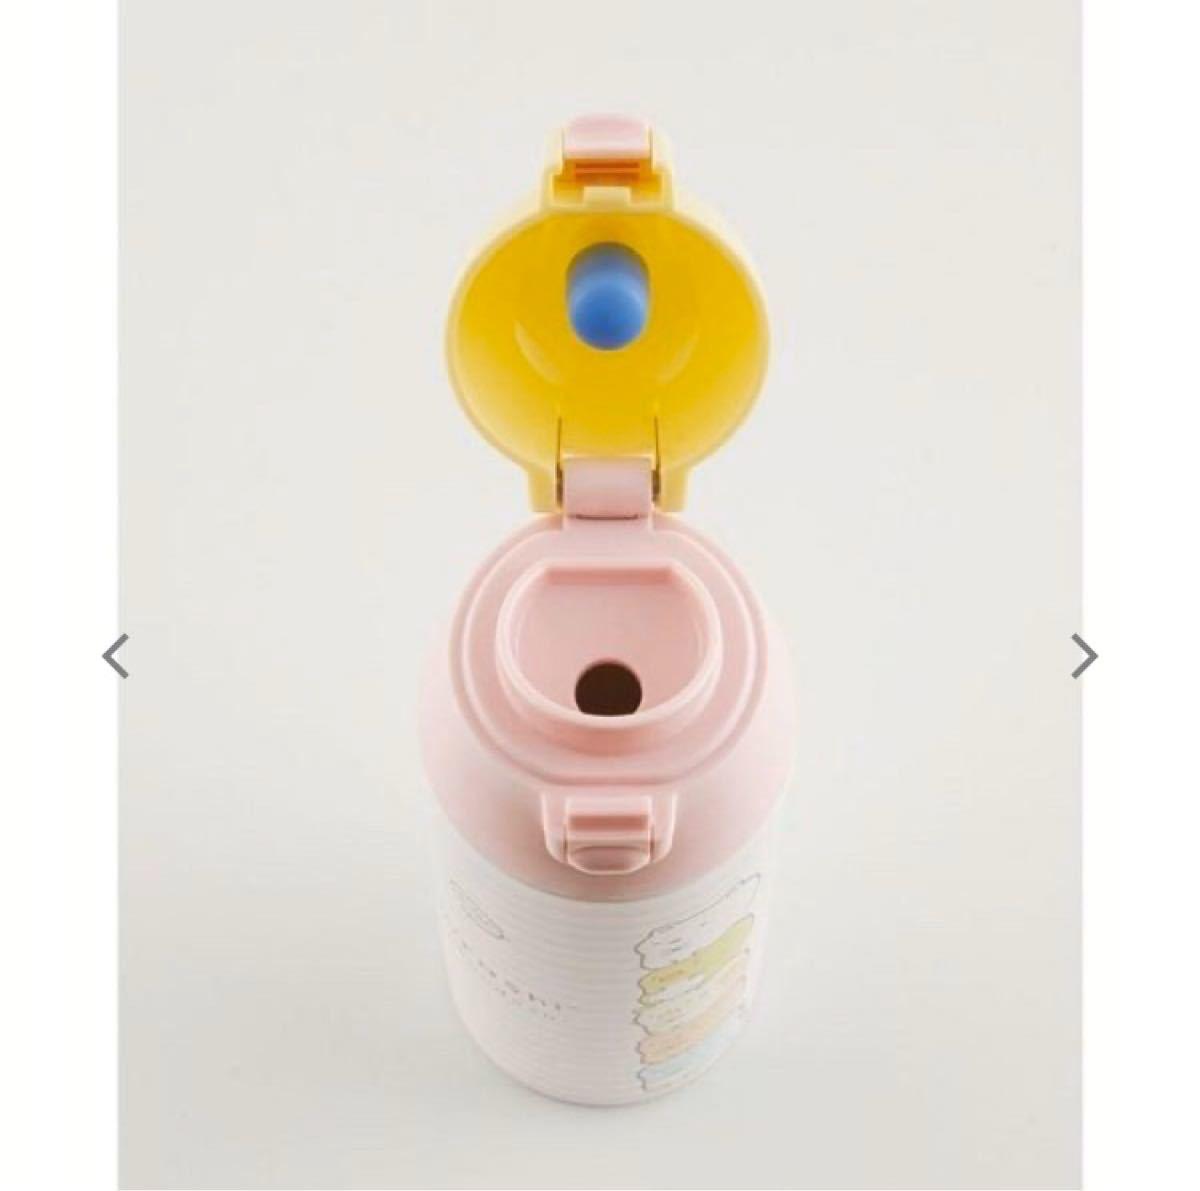 新品 未使用*すみっコぐらし ステンレスボトル ロック付 ダイレクト ワンプッシュ 水筒 500ml 保冷 保温 超軽量